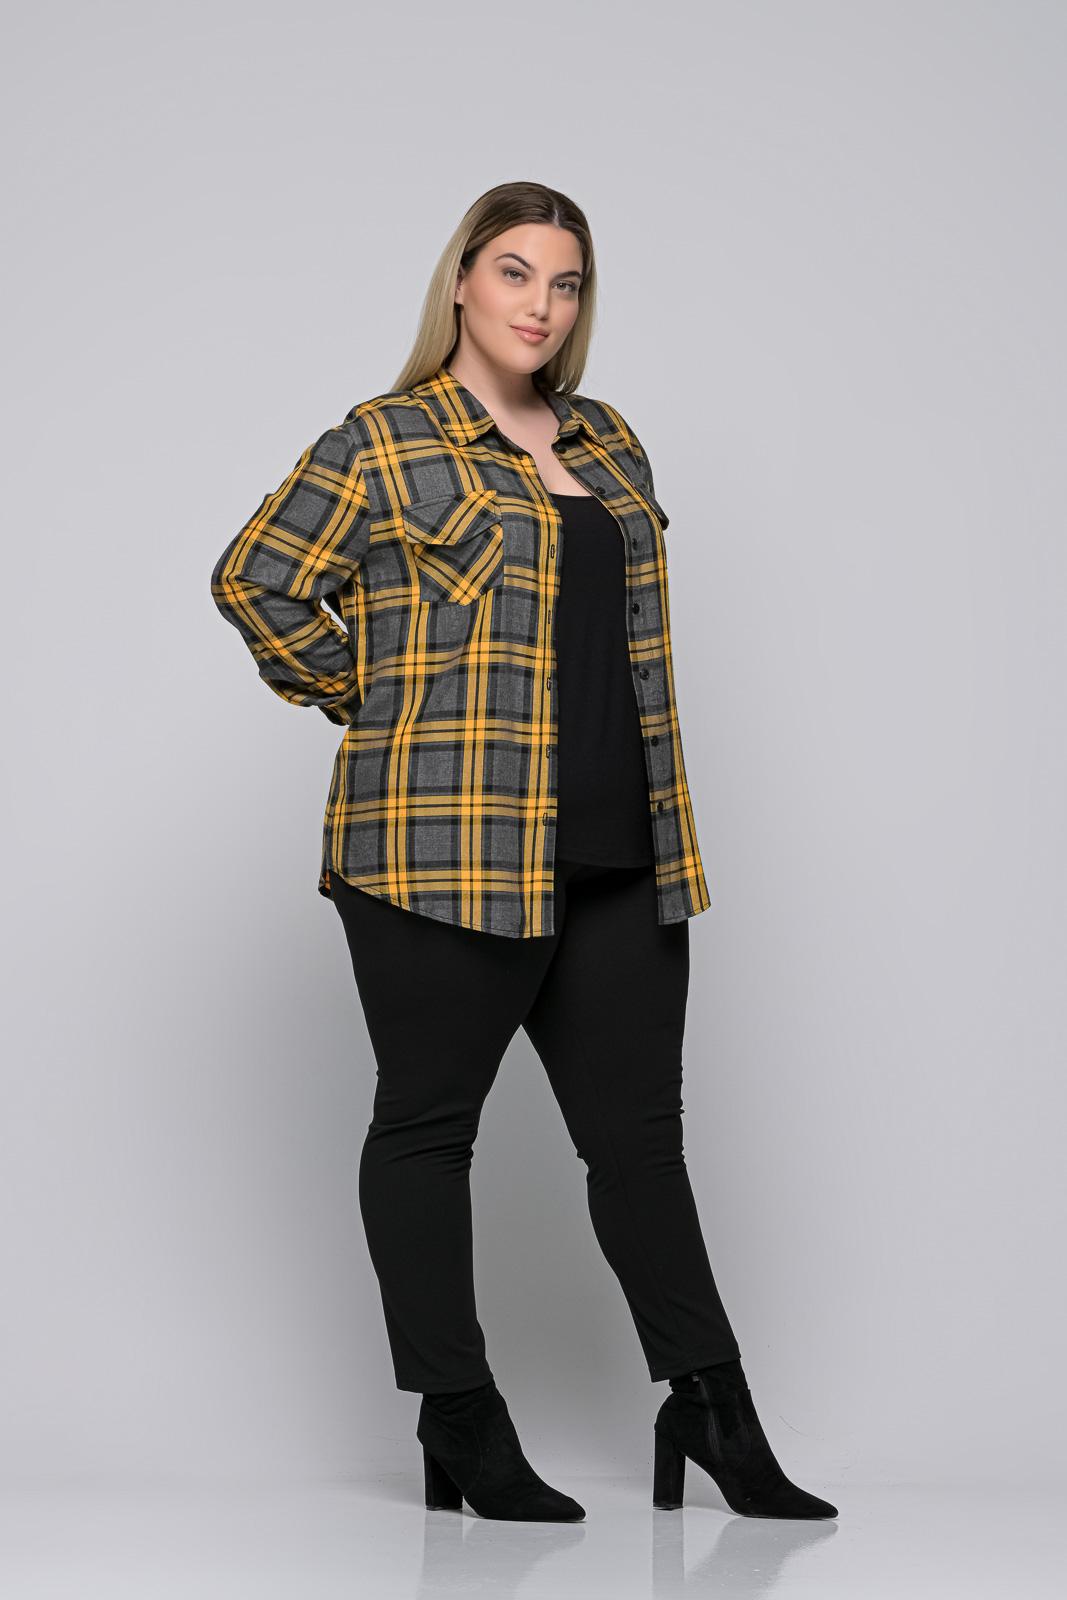 Πουκάμισο μεγάλα μεγέθη καρό κίτρινο/γκρι με τσέπες